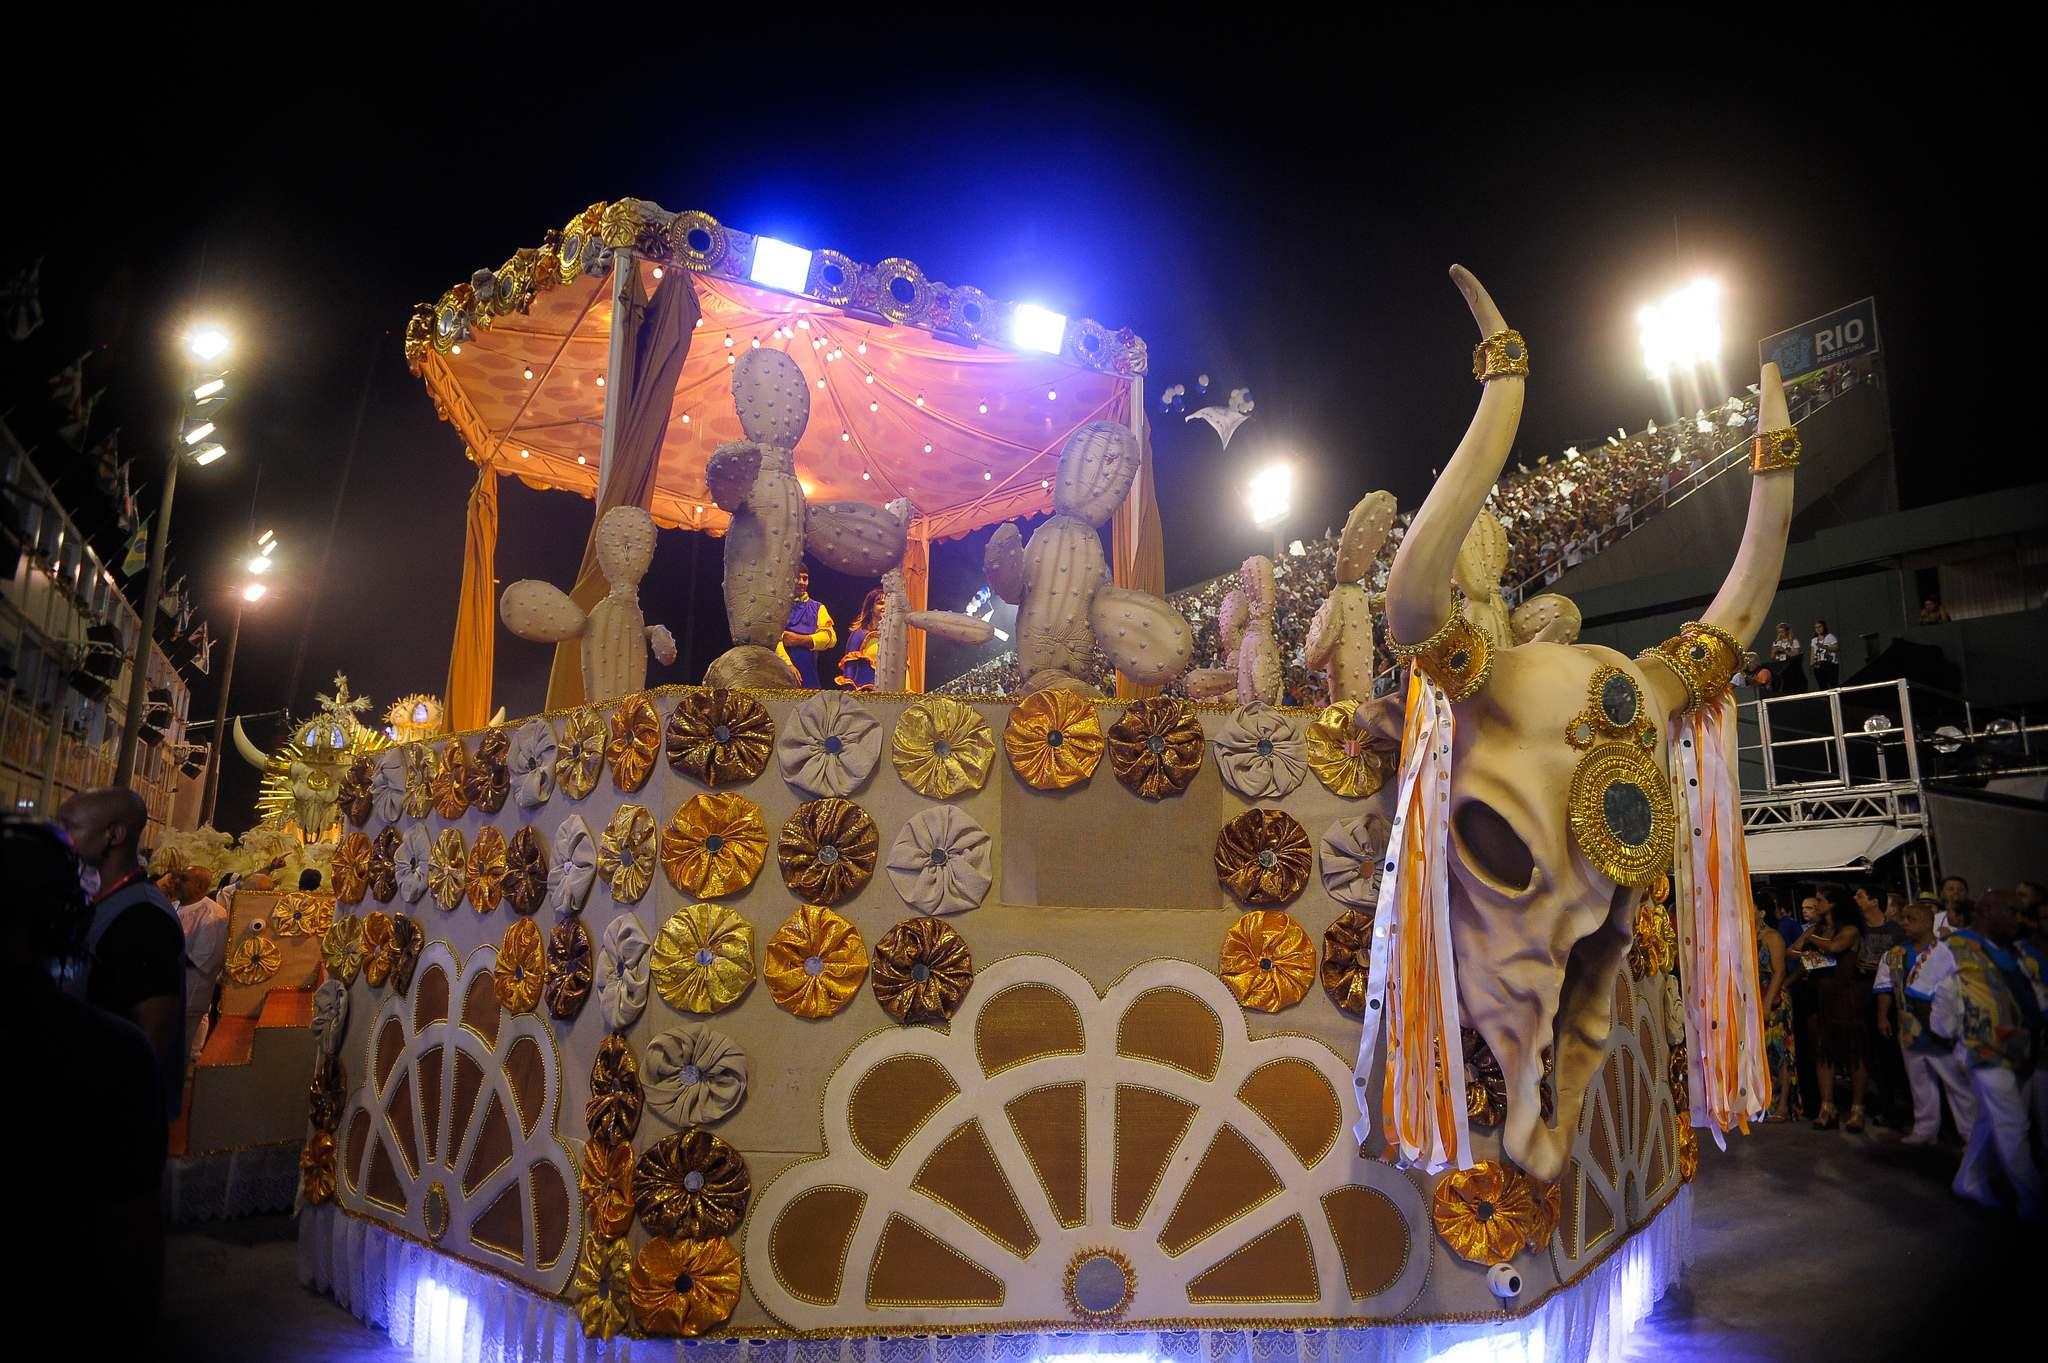 rio de janeiro 20168 Vila Isabel at Carnival in Rio de Janeiro